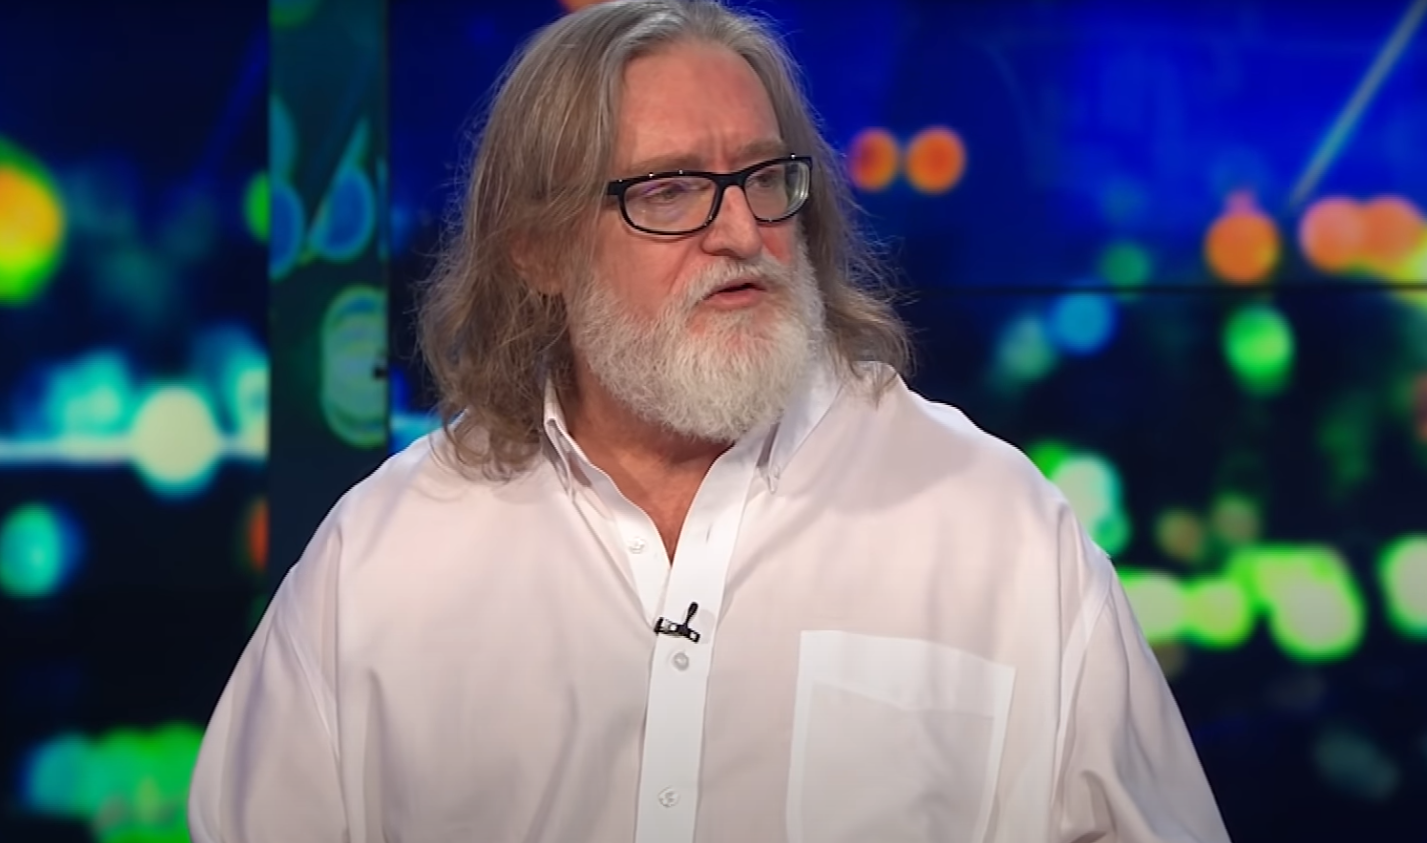 Gabe Newell เจ้าของ Valve บอกว่า Xbox Series X ดีกว่า PS5